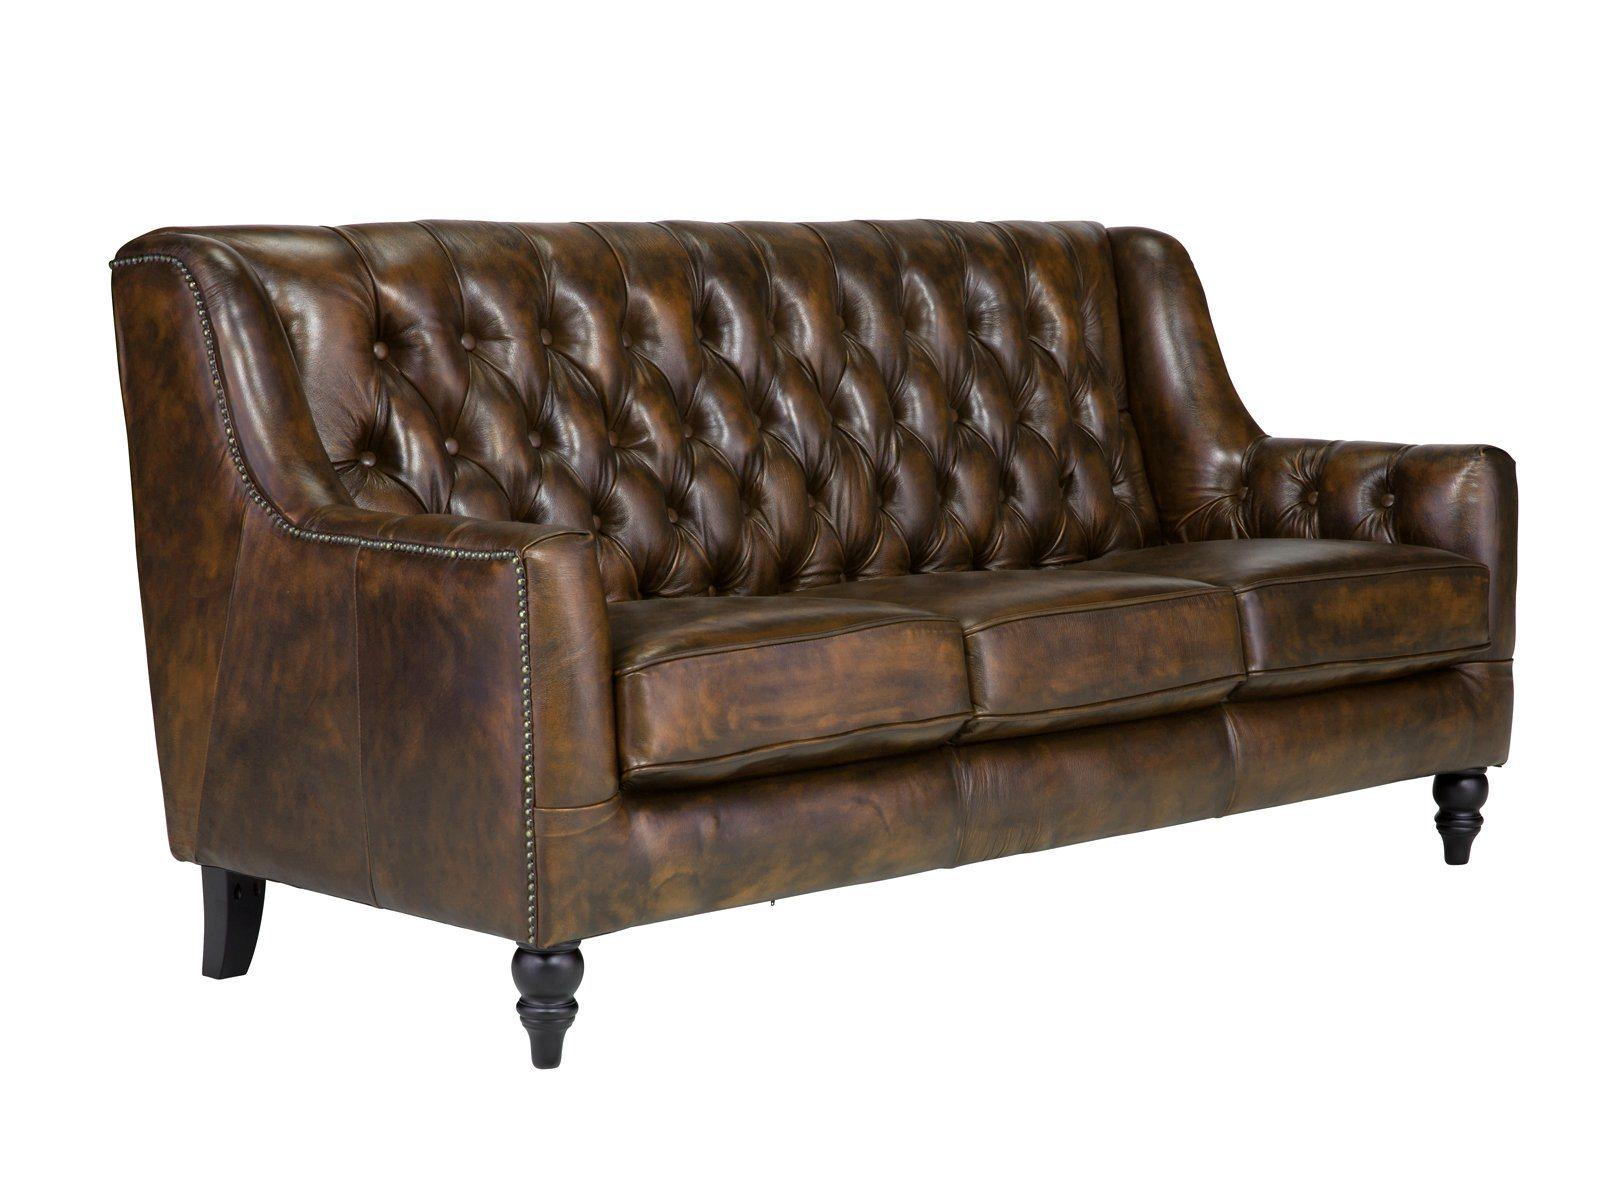 Massivum sofa aus echtleder chesterfield bozen braun for Echtleder sofa